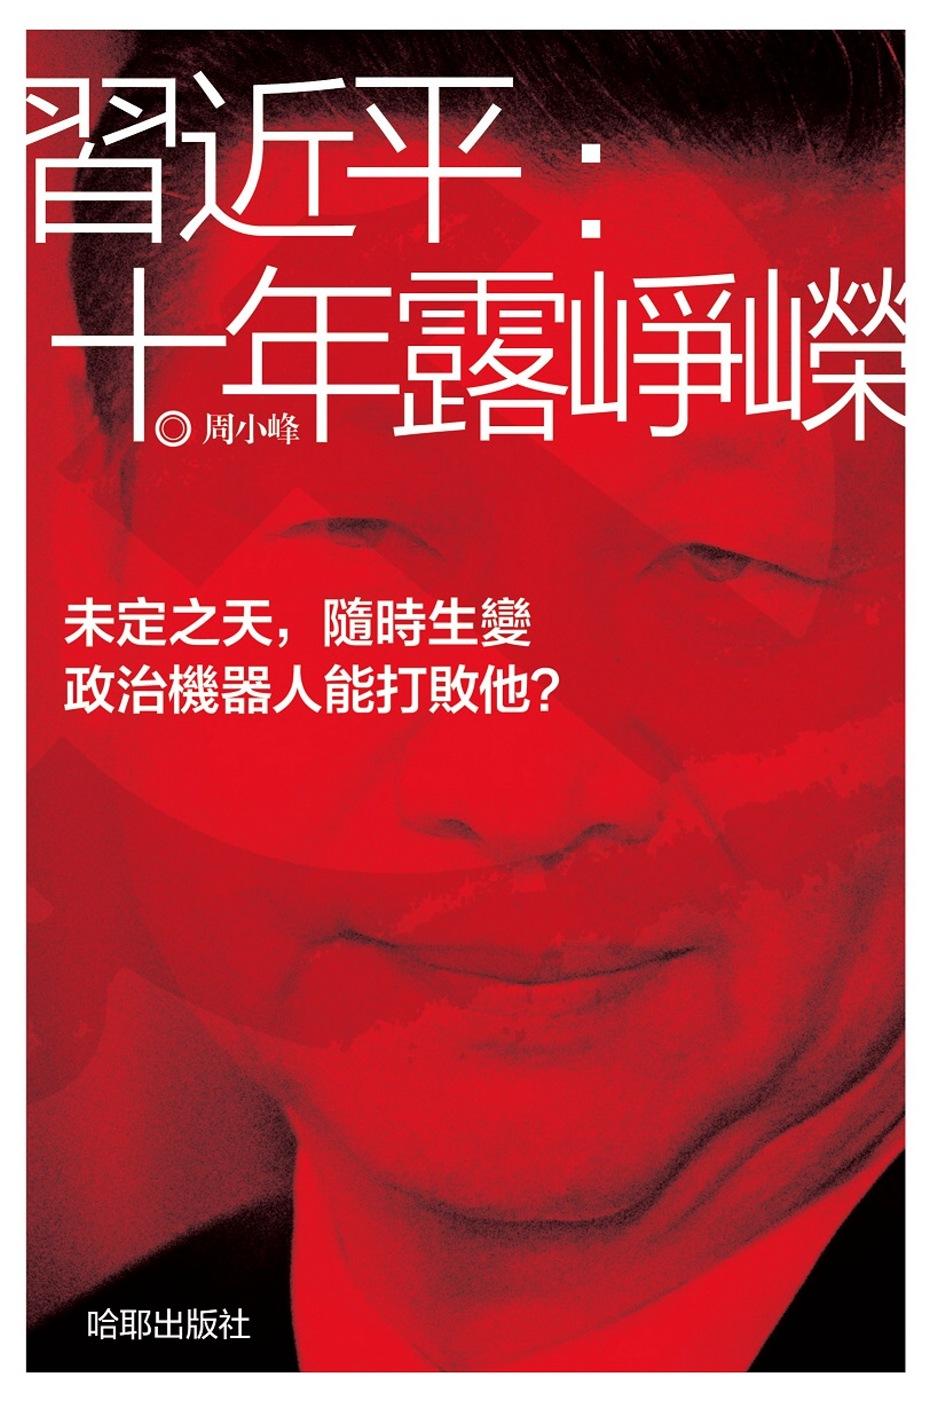 《習近平:十年露崢嶸》 商品條碼,ISBN:9781630320416